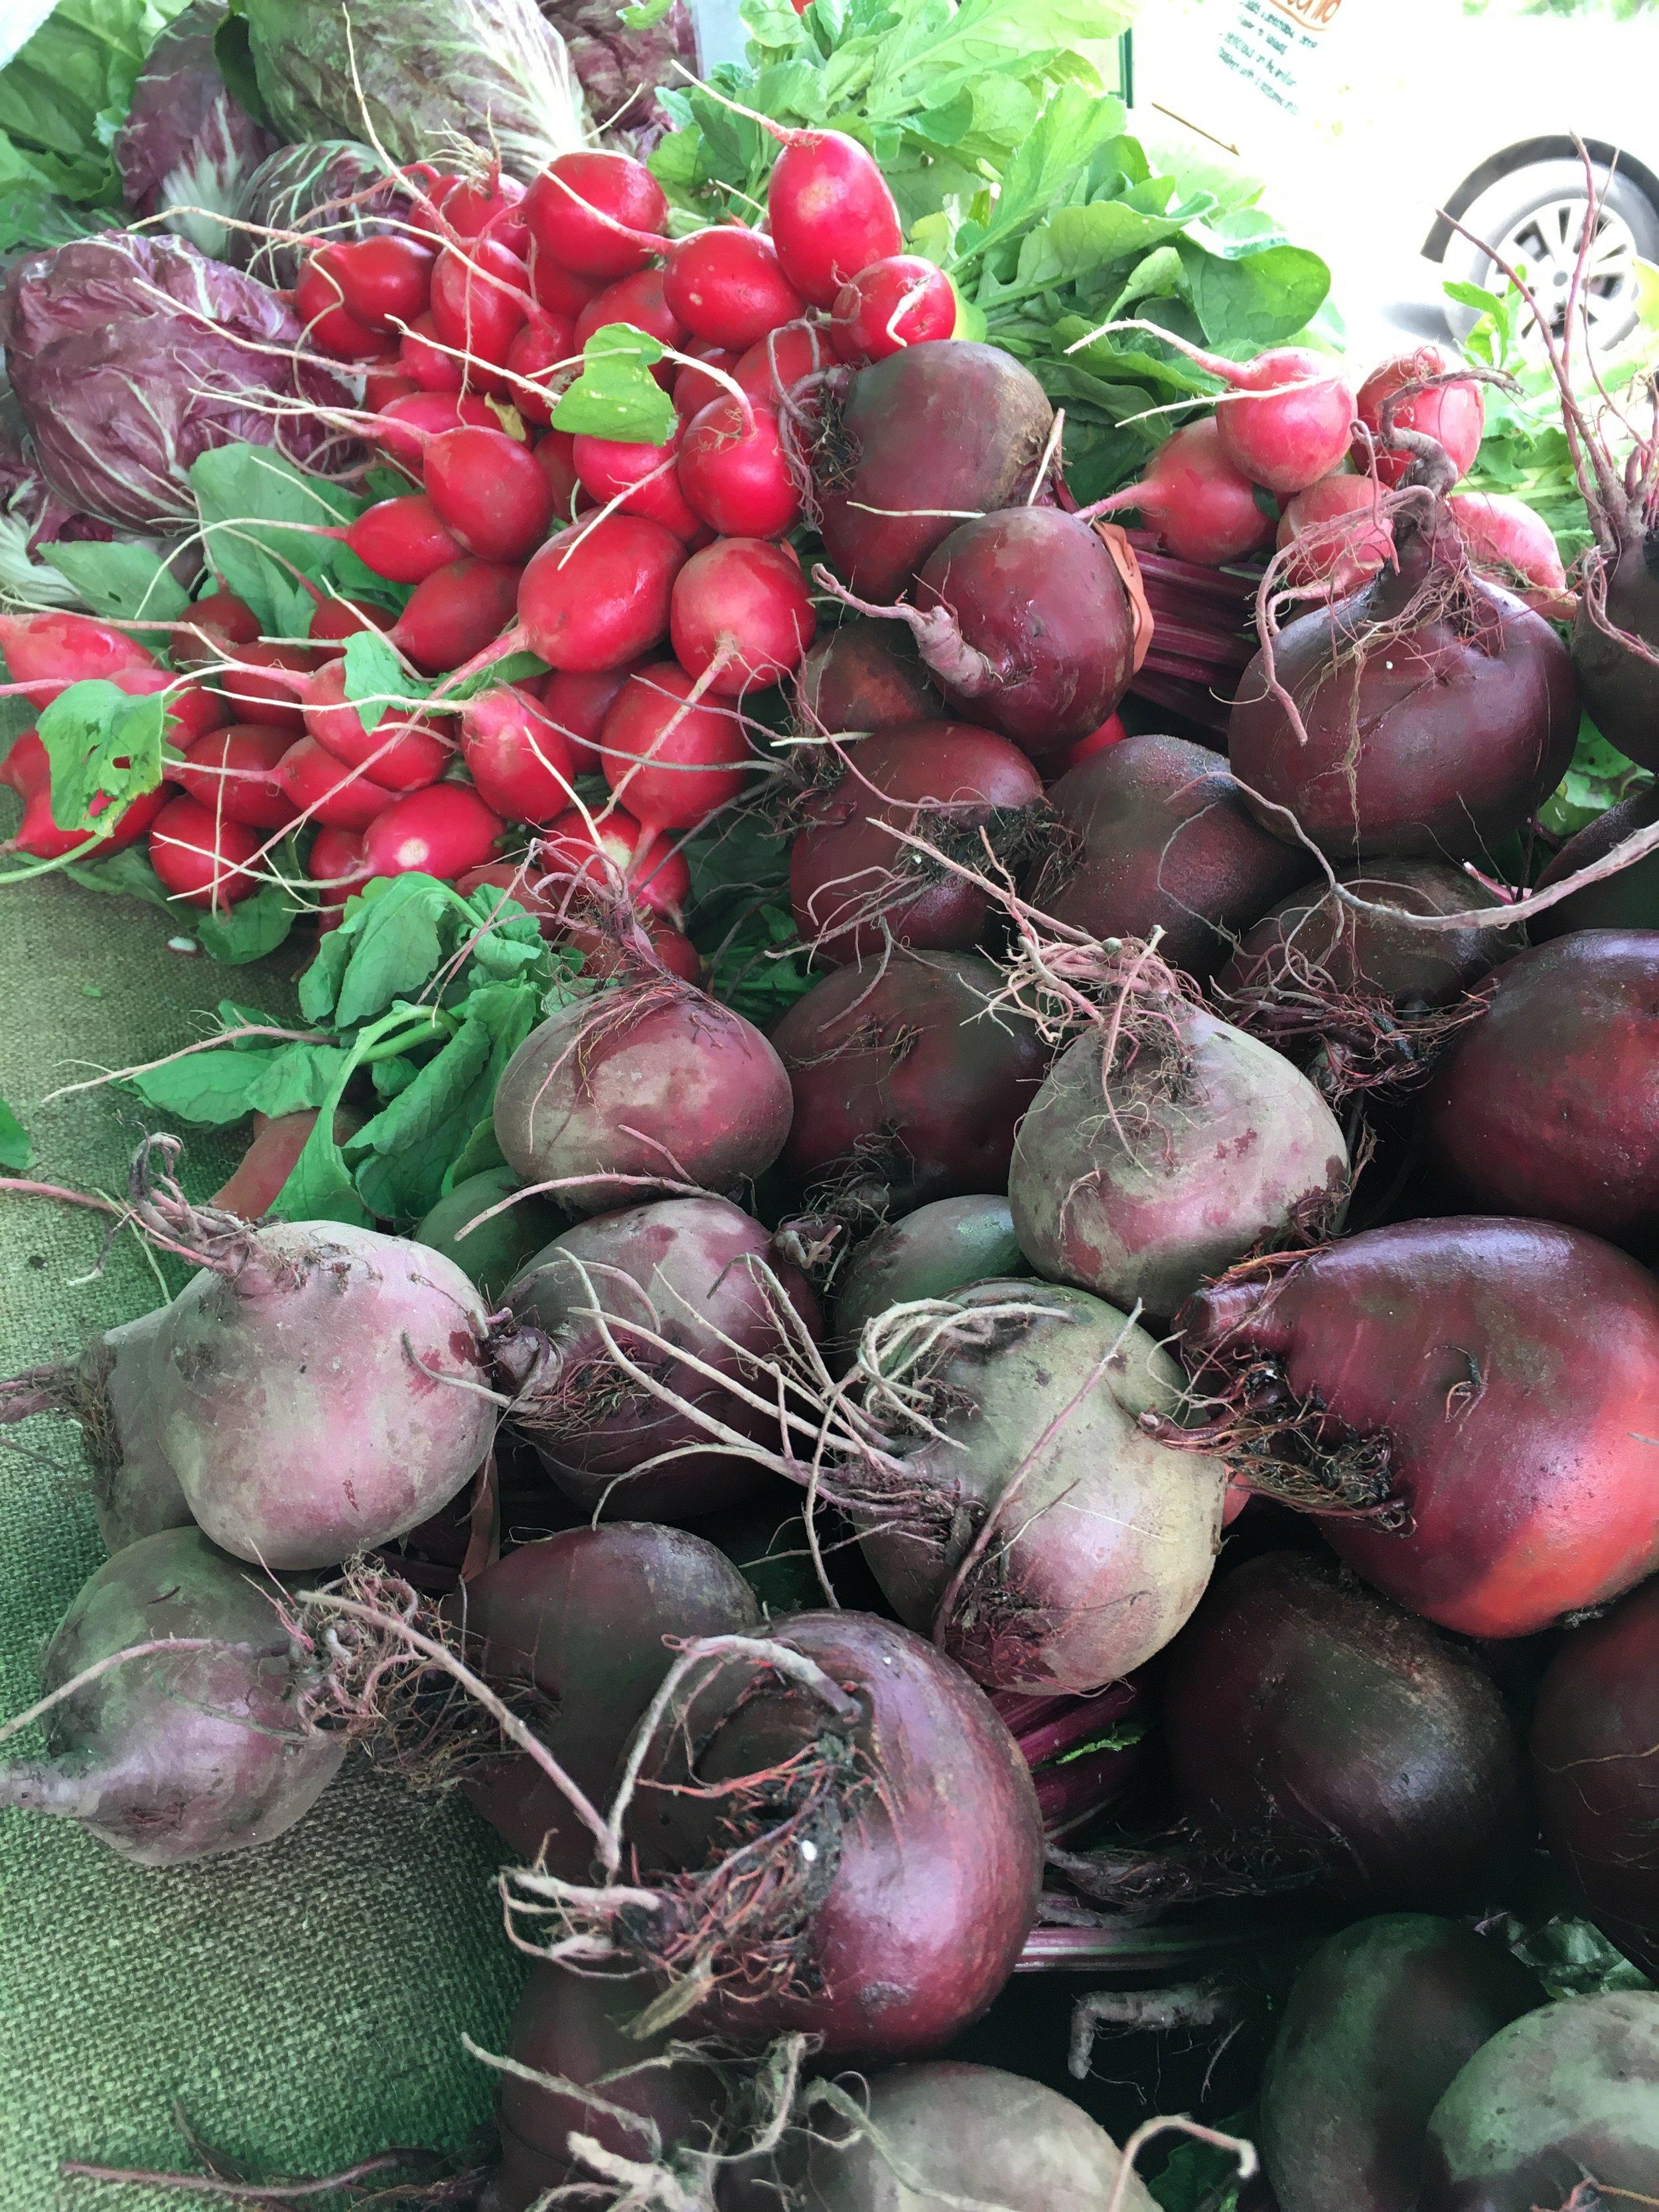 Westport Farmers Market veggies (Carlyn).jpg